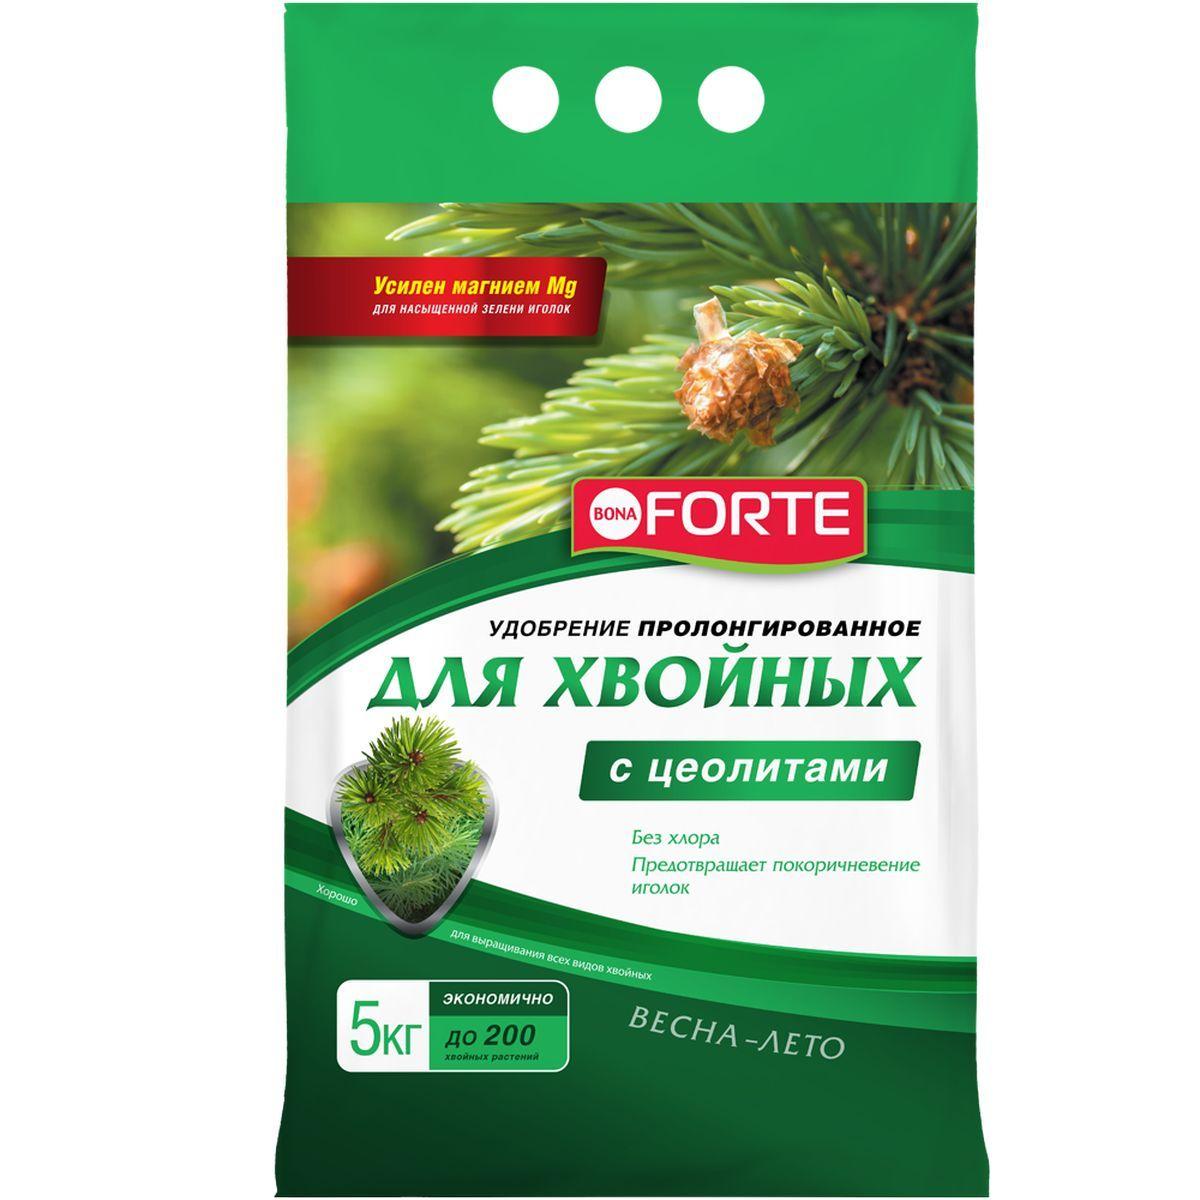 Удобрение Bona Forte, хвойное, с цеолитом, 5 кгBF-23-01-030-1Bona Forte Удобрение пролонгированное ДЛЯ ХВОЙНЫХ с цеолитами Для елей, сосен, кипарисов, тиса, кедра, можжевельника, туи, пихты, лиственницы и других хвойных растений. Препятствует покоричневению хвои, поддерживает зеленый цвет иголок, стимулирует рост и развивает корневую систему. Без хлора! Удобрения дополнительно обогащены ЦЕОЛИТОМ, который имеет уникальные полезные свойства: - удерживает влагу и питательные вещества в корнеобитаемой зоне растений; - снижает стрессы растений при посадке и пересадке; - обеспечивает оптимальный воздушный режим даже при максимальном насыщении грунта водой; - делает удобрения пролонгированными Cрок годности: 5 лет Температура хранения: -40 до +50 С .